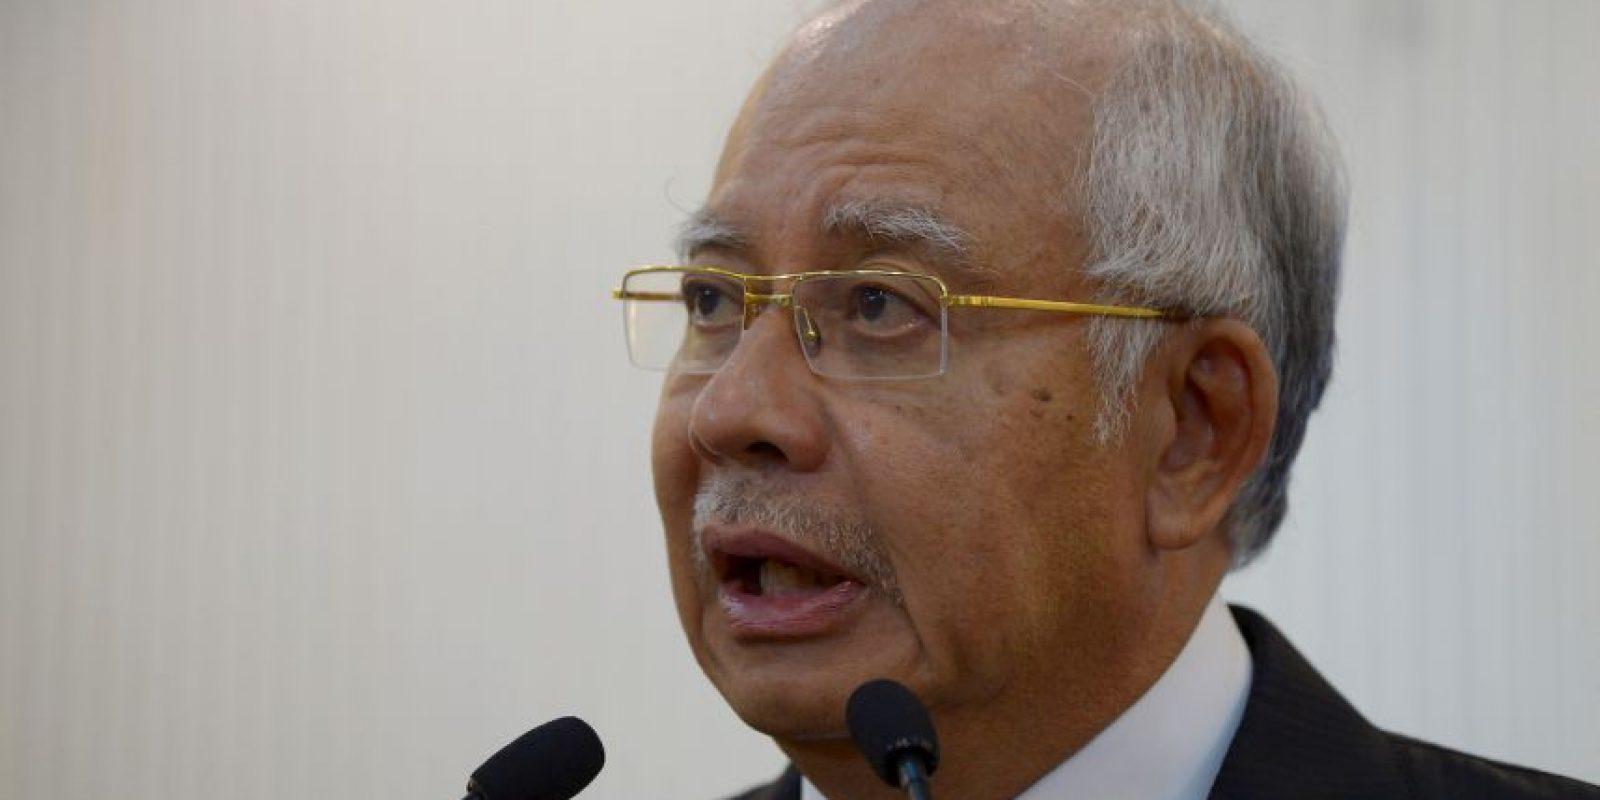 El primer ministro de Malasia confirmó la noticia Foto:AFP